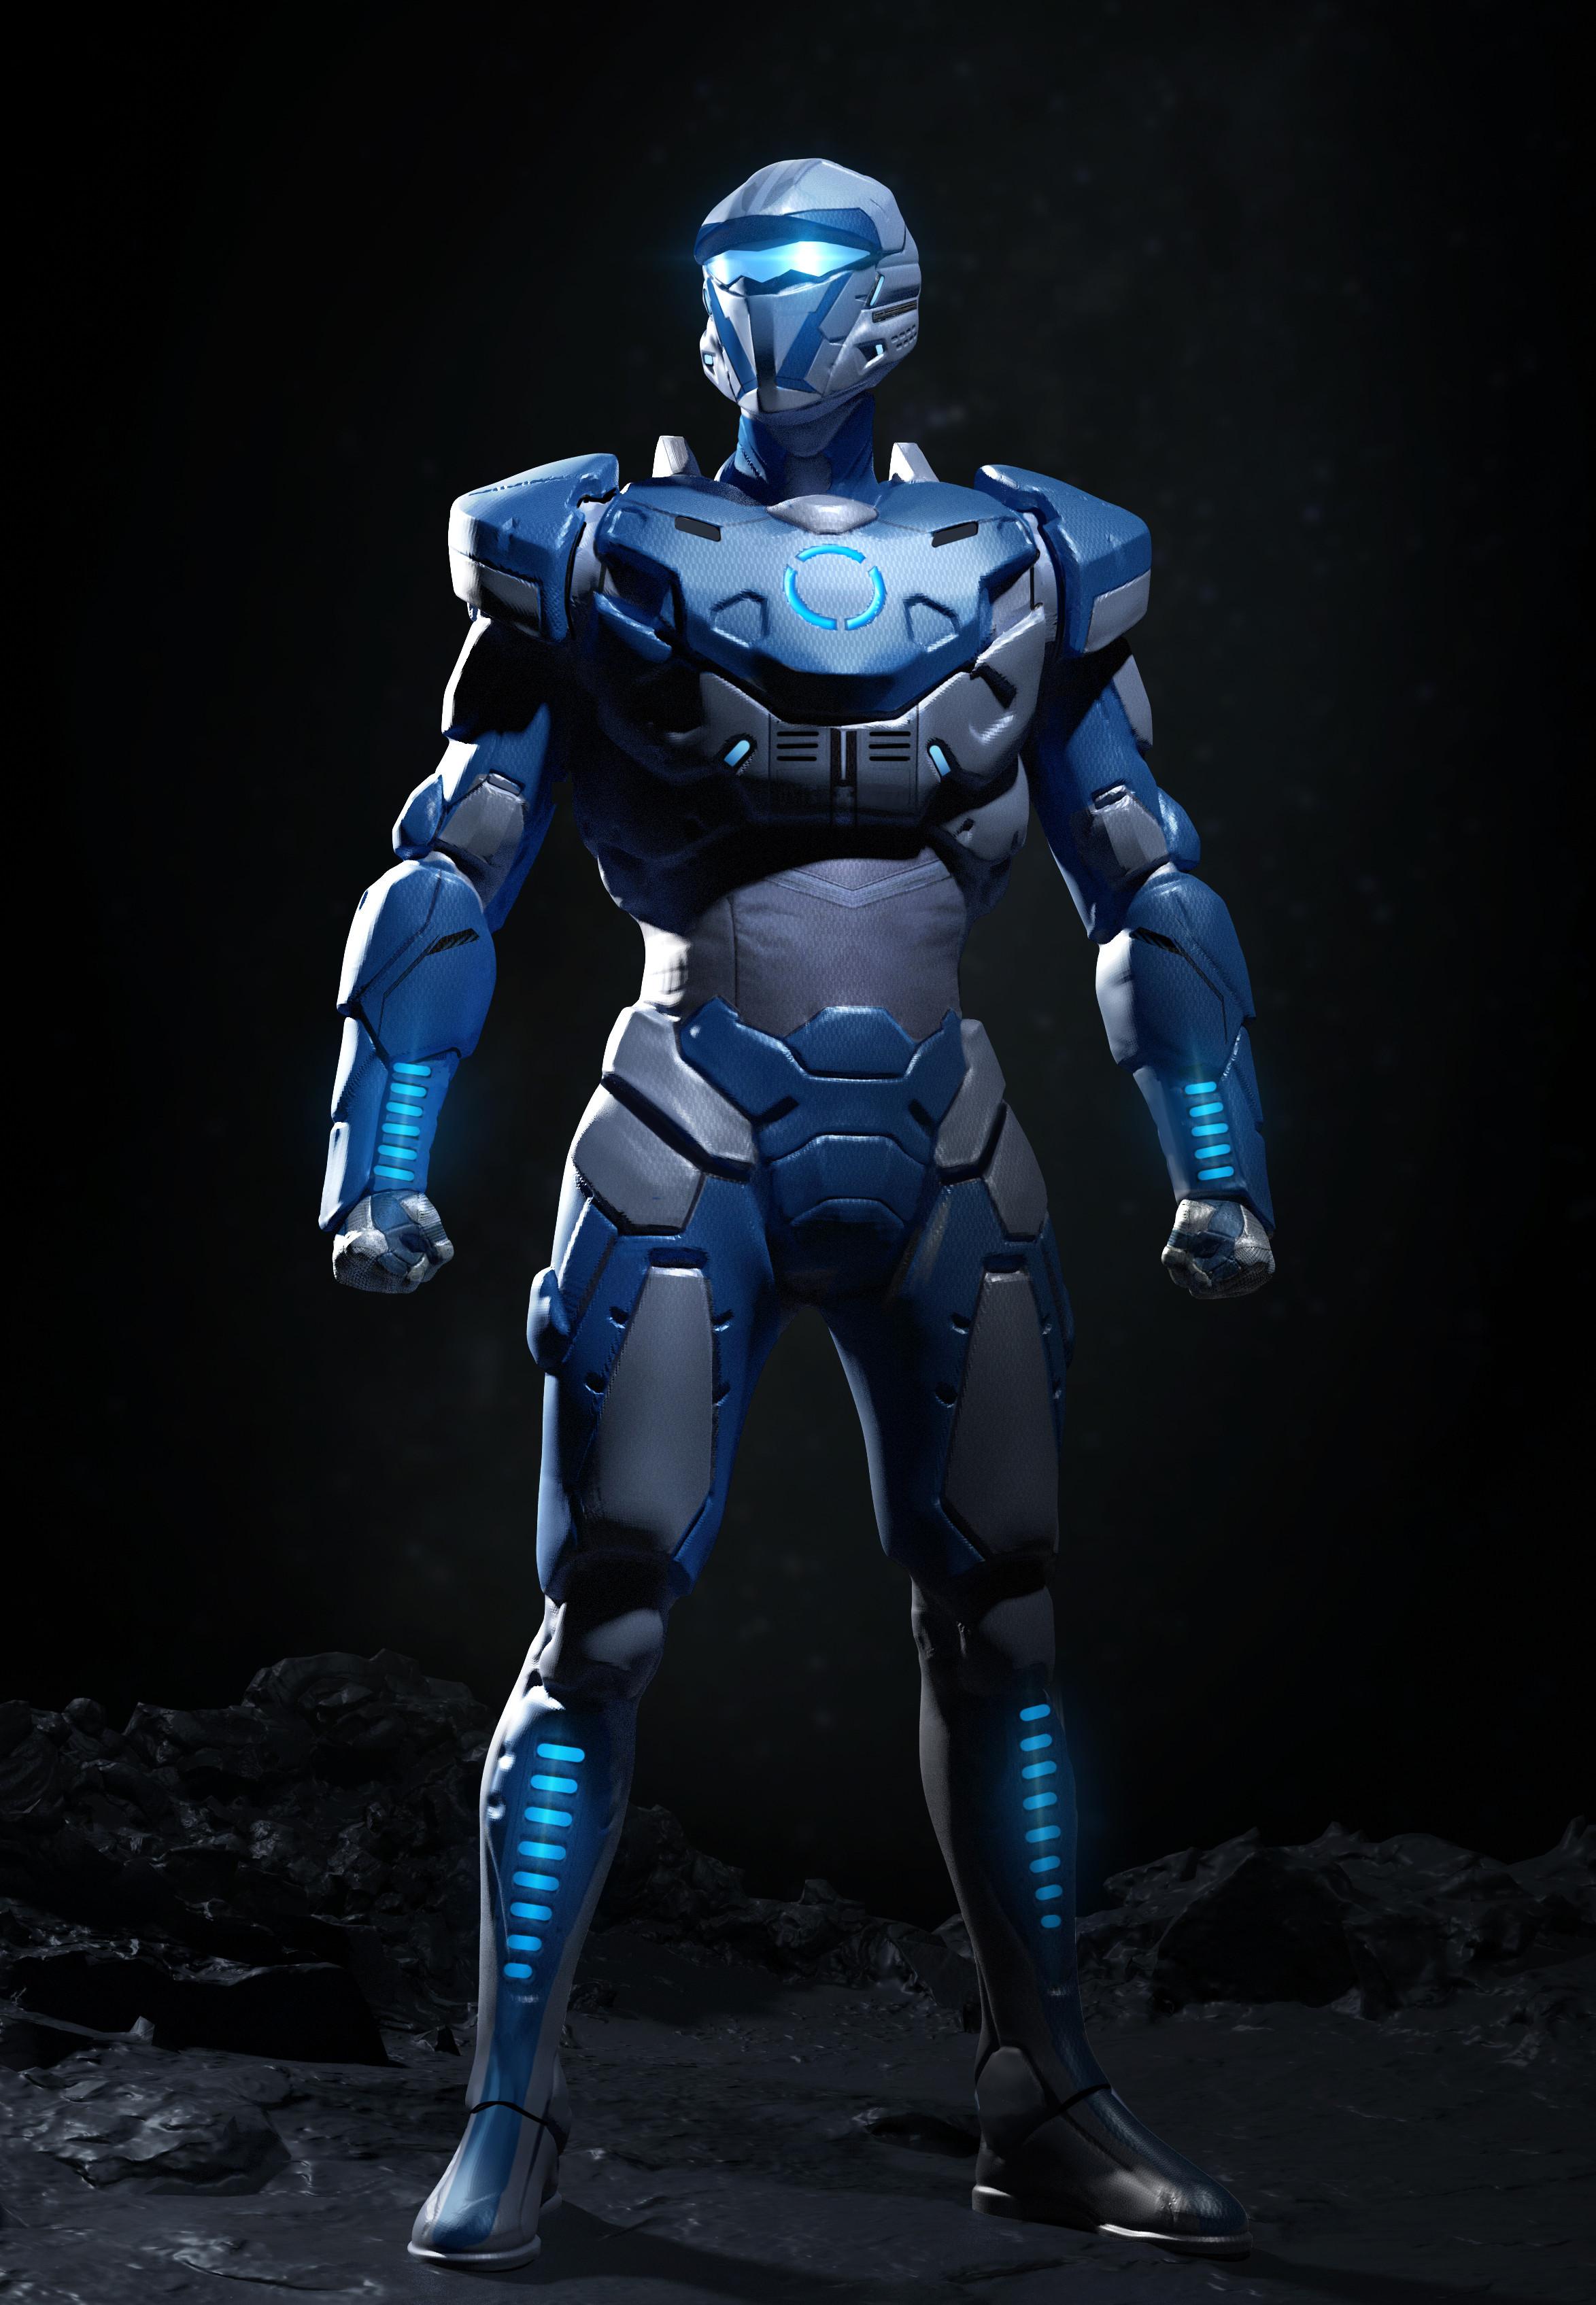 Kenevo Prime v2